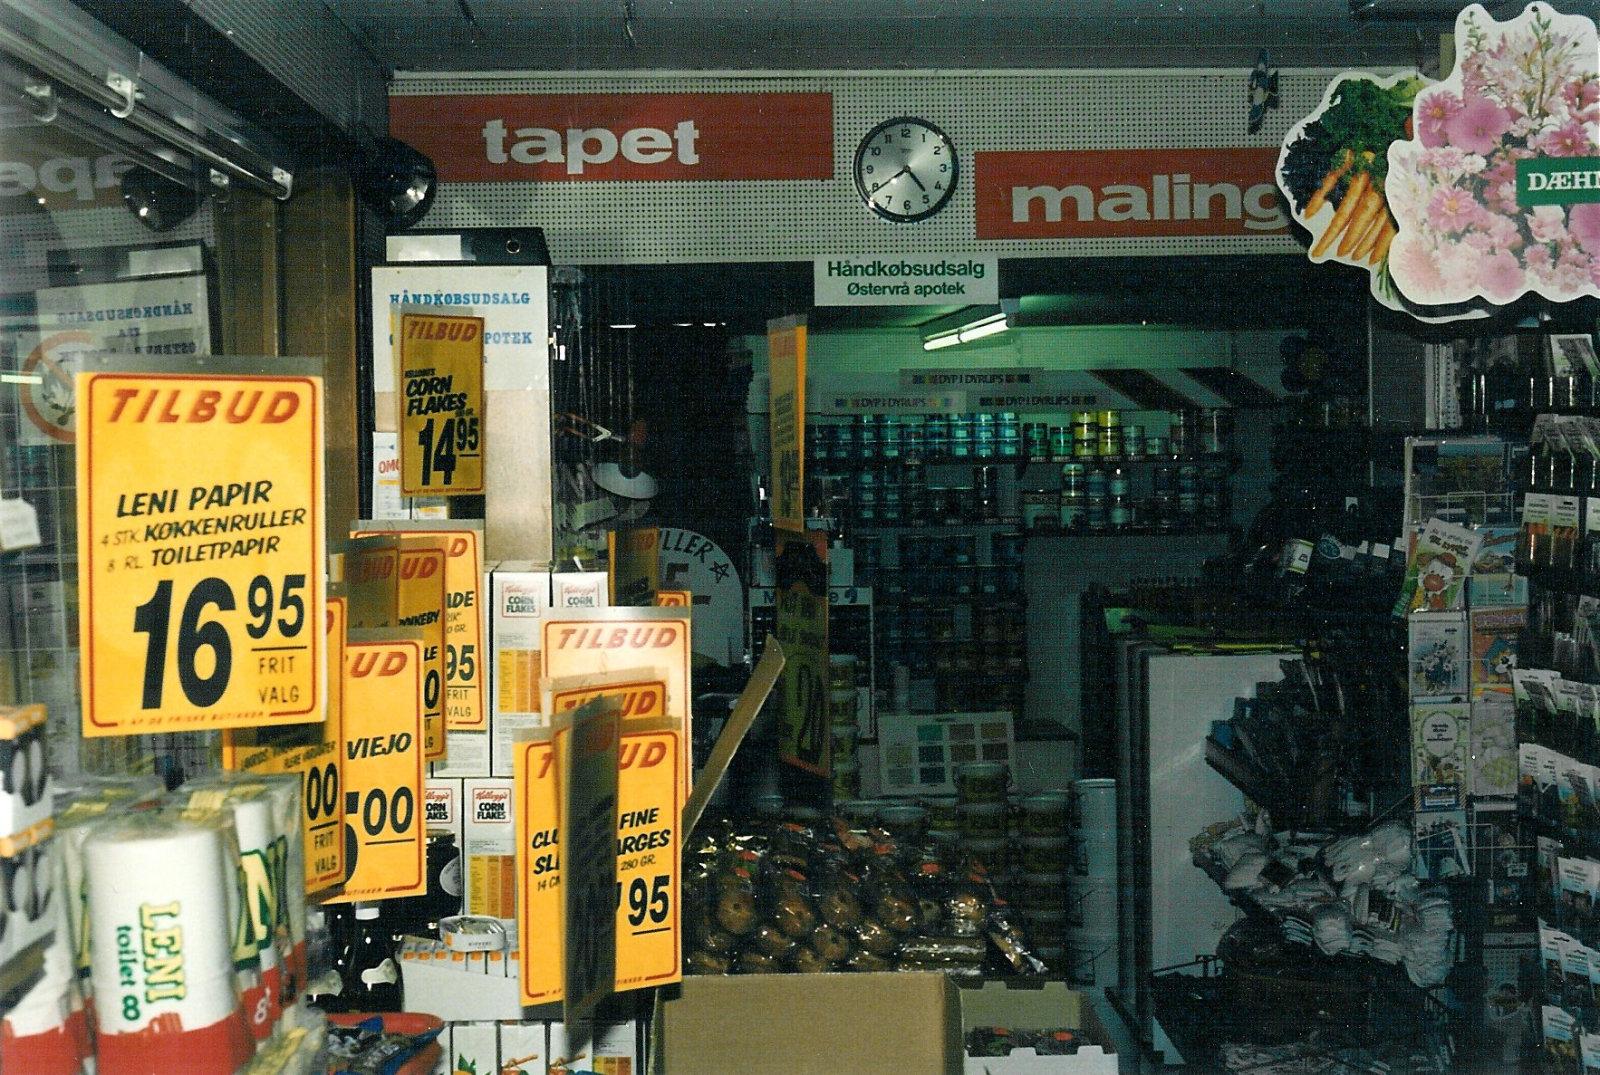 Vue fra stor butik til afdeling med tapet og maling